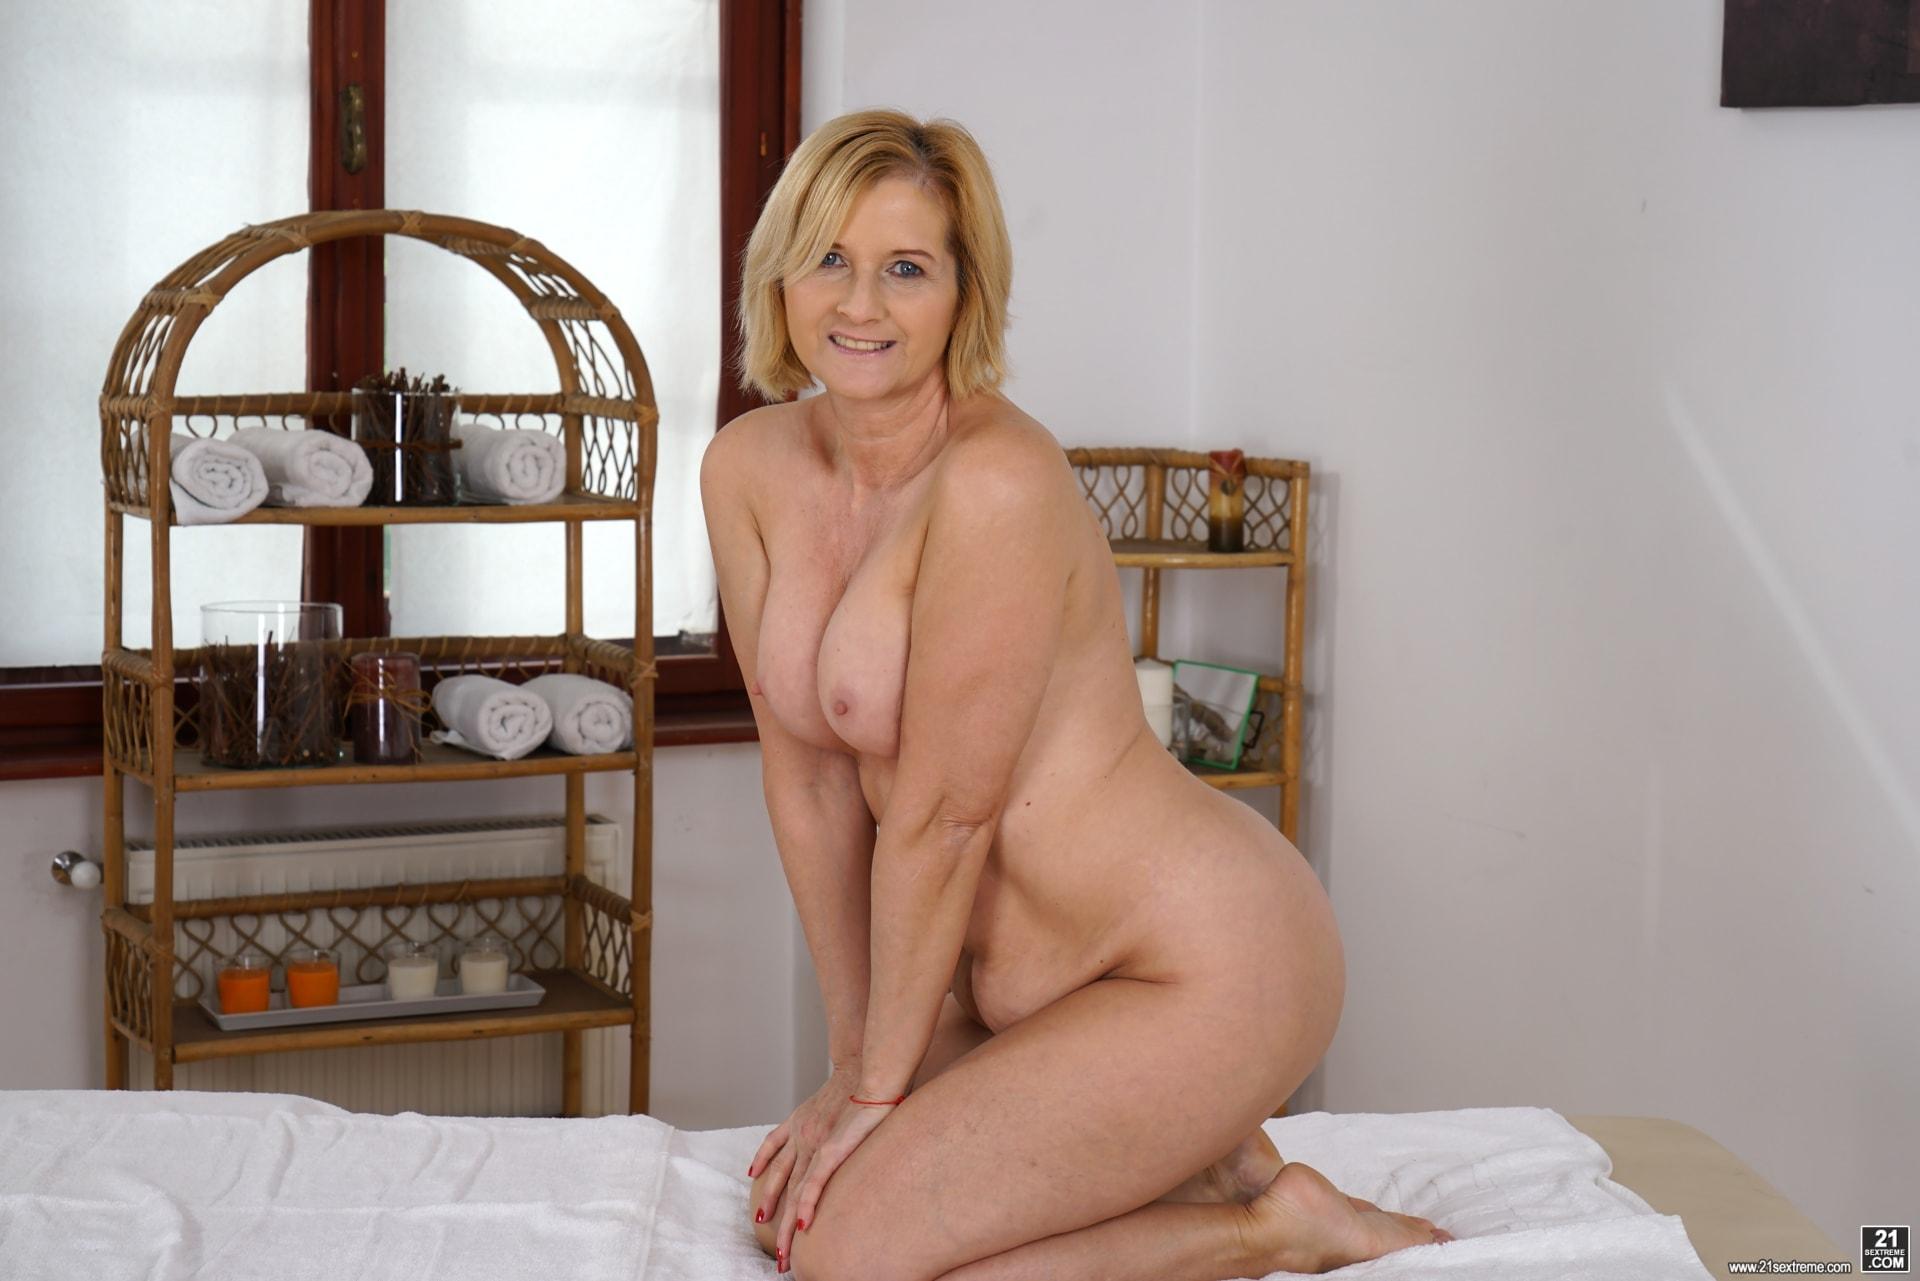 21Sextury 'Jennyfer's Anal Massage' starring Jennyfer (Photo 28)